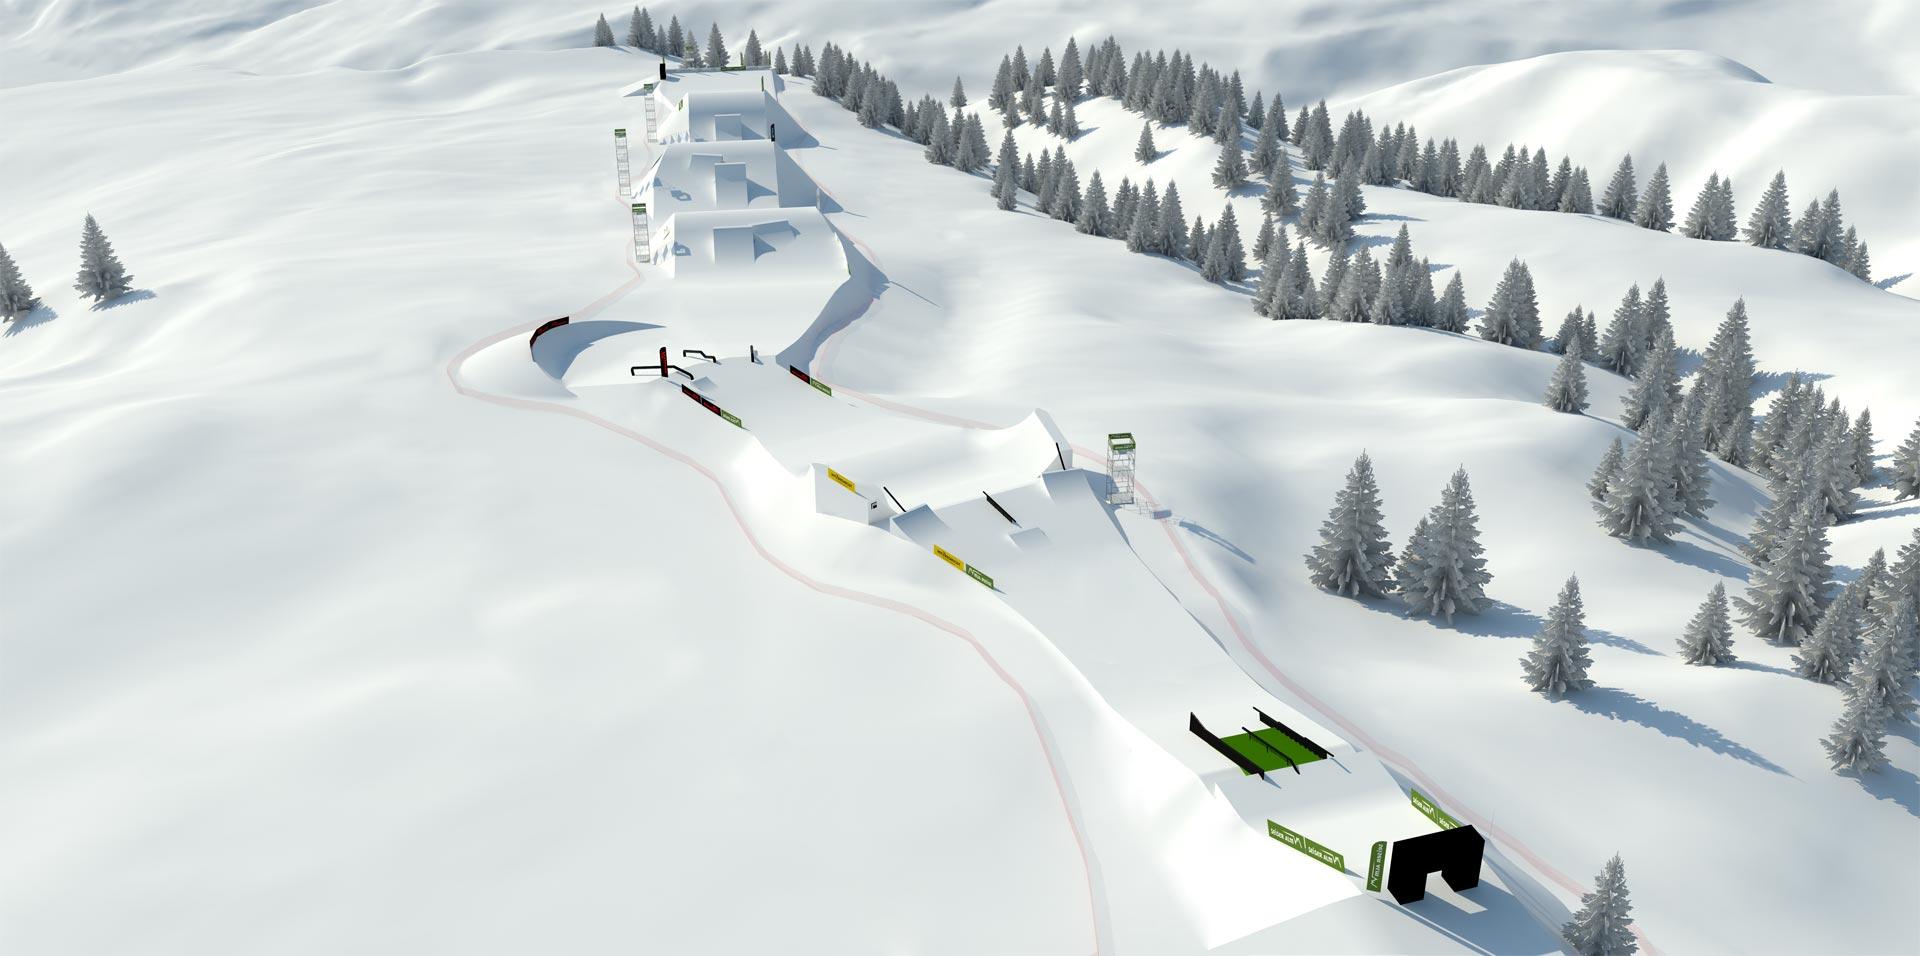 Preview: Erster Slopestyle Worldcup auf der Seiser Alm (Italien)